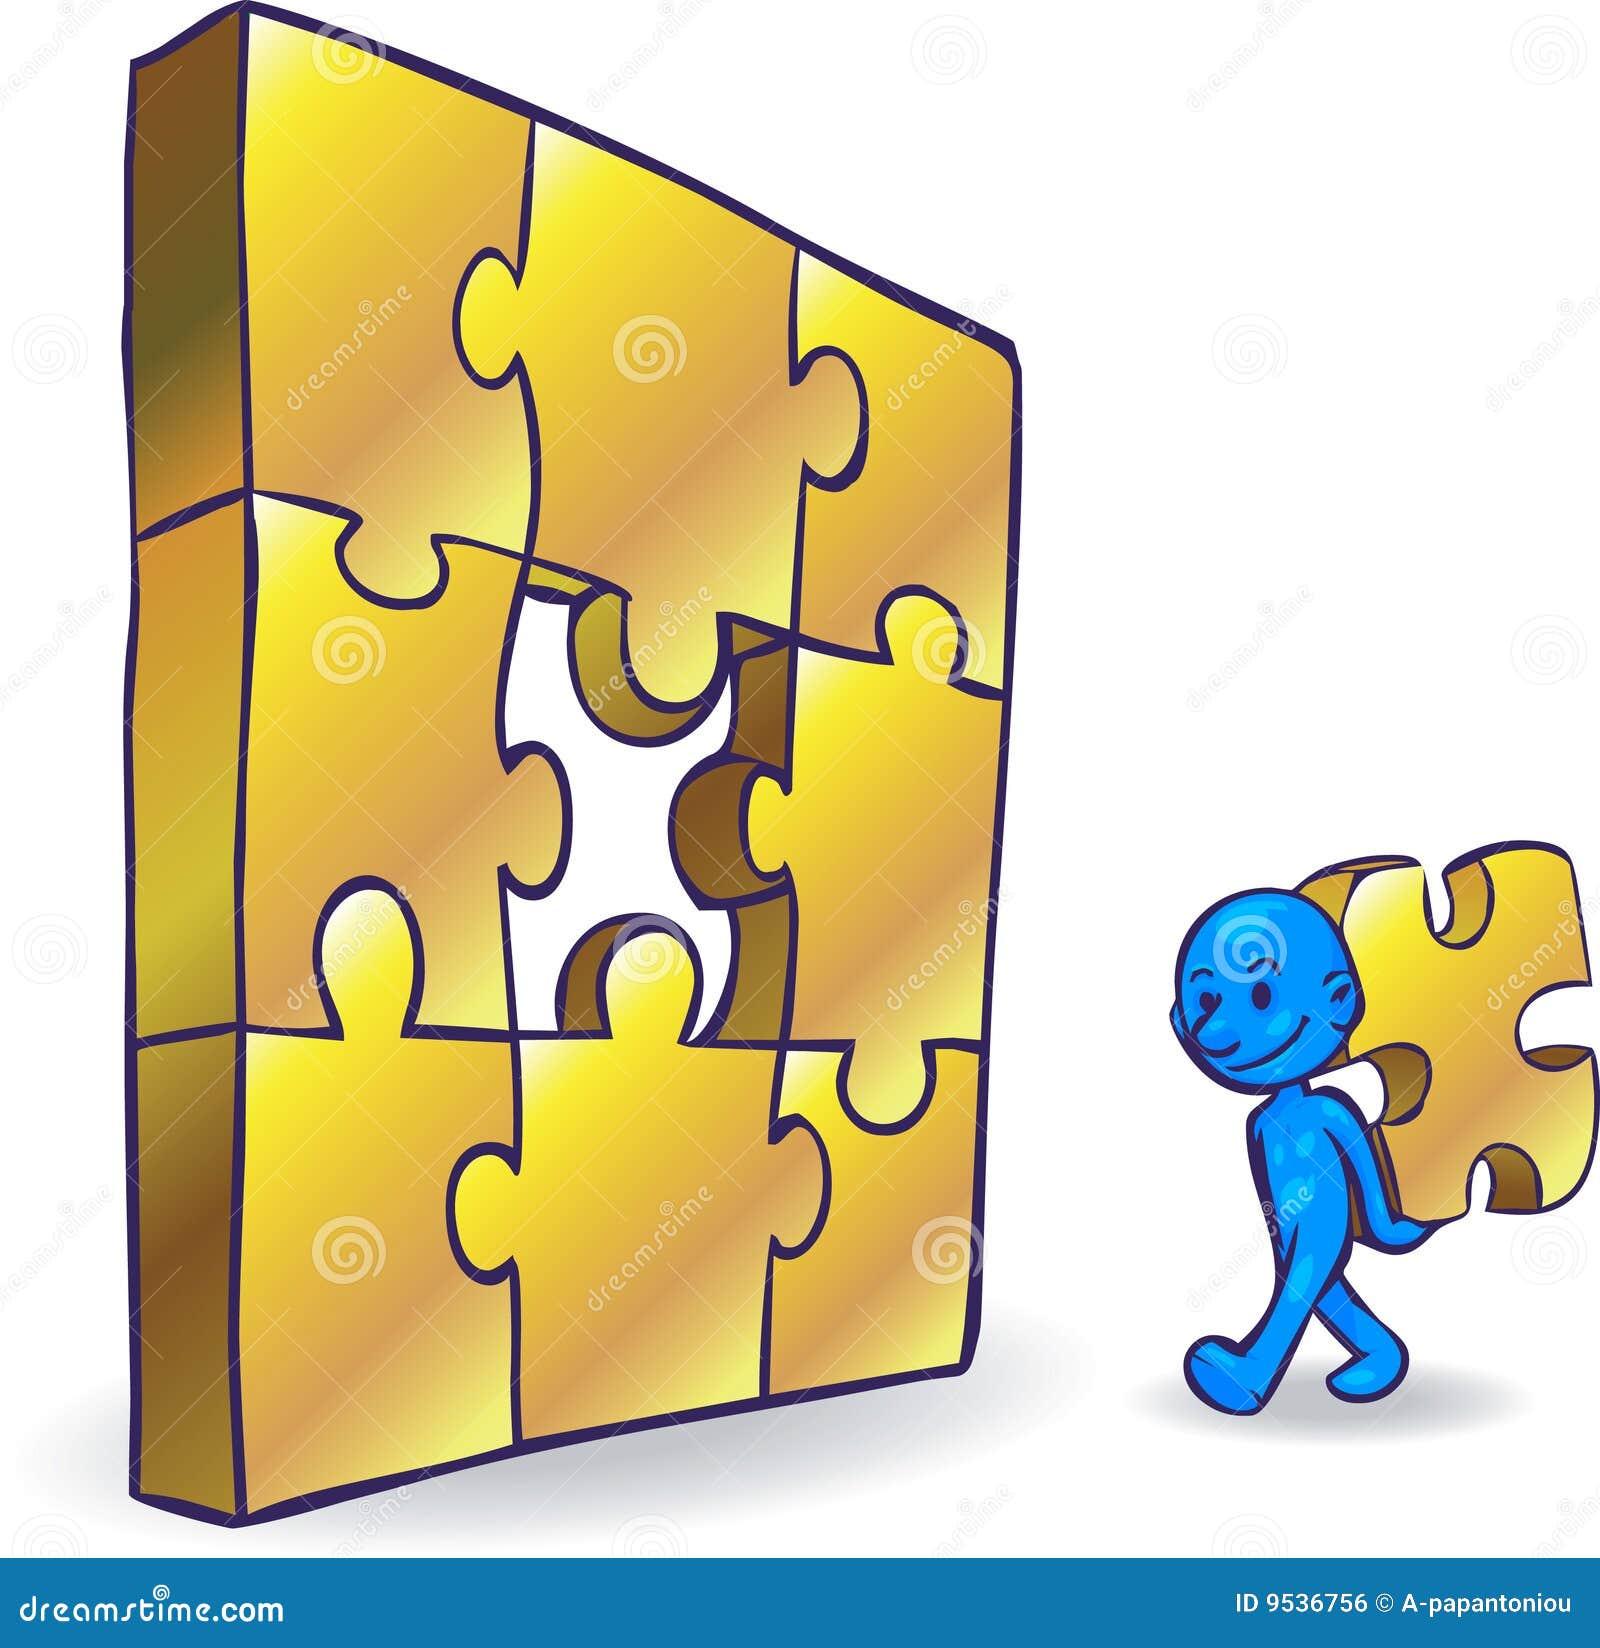 Smartoon Problem Solving Stock Vector. Illustration Of